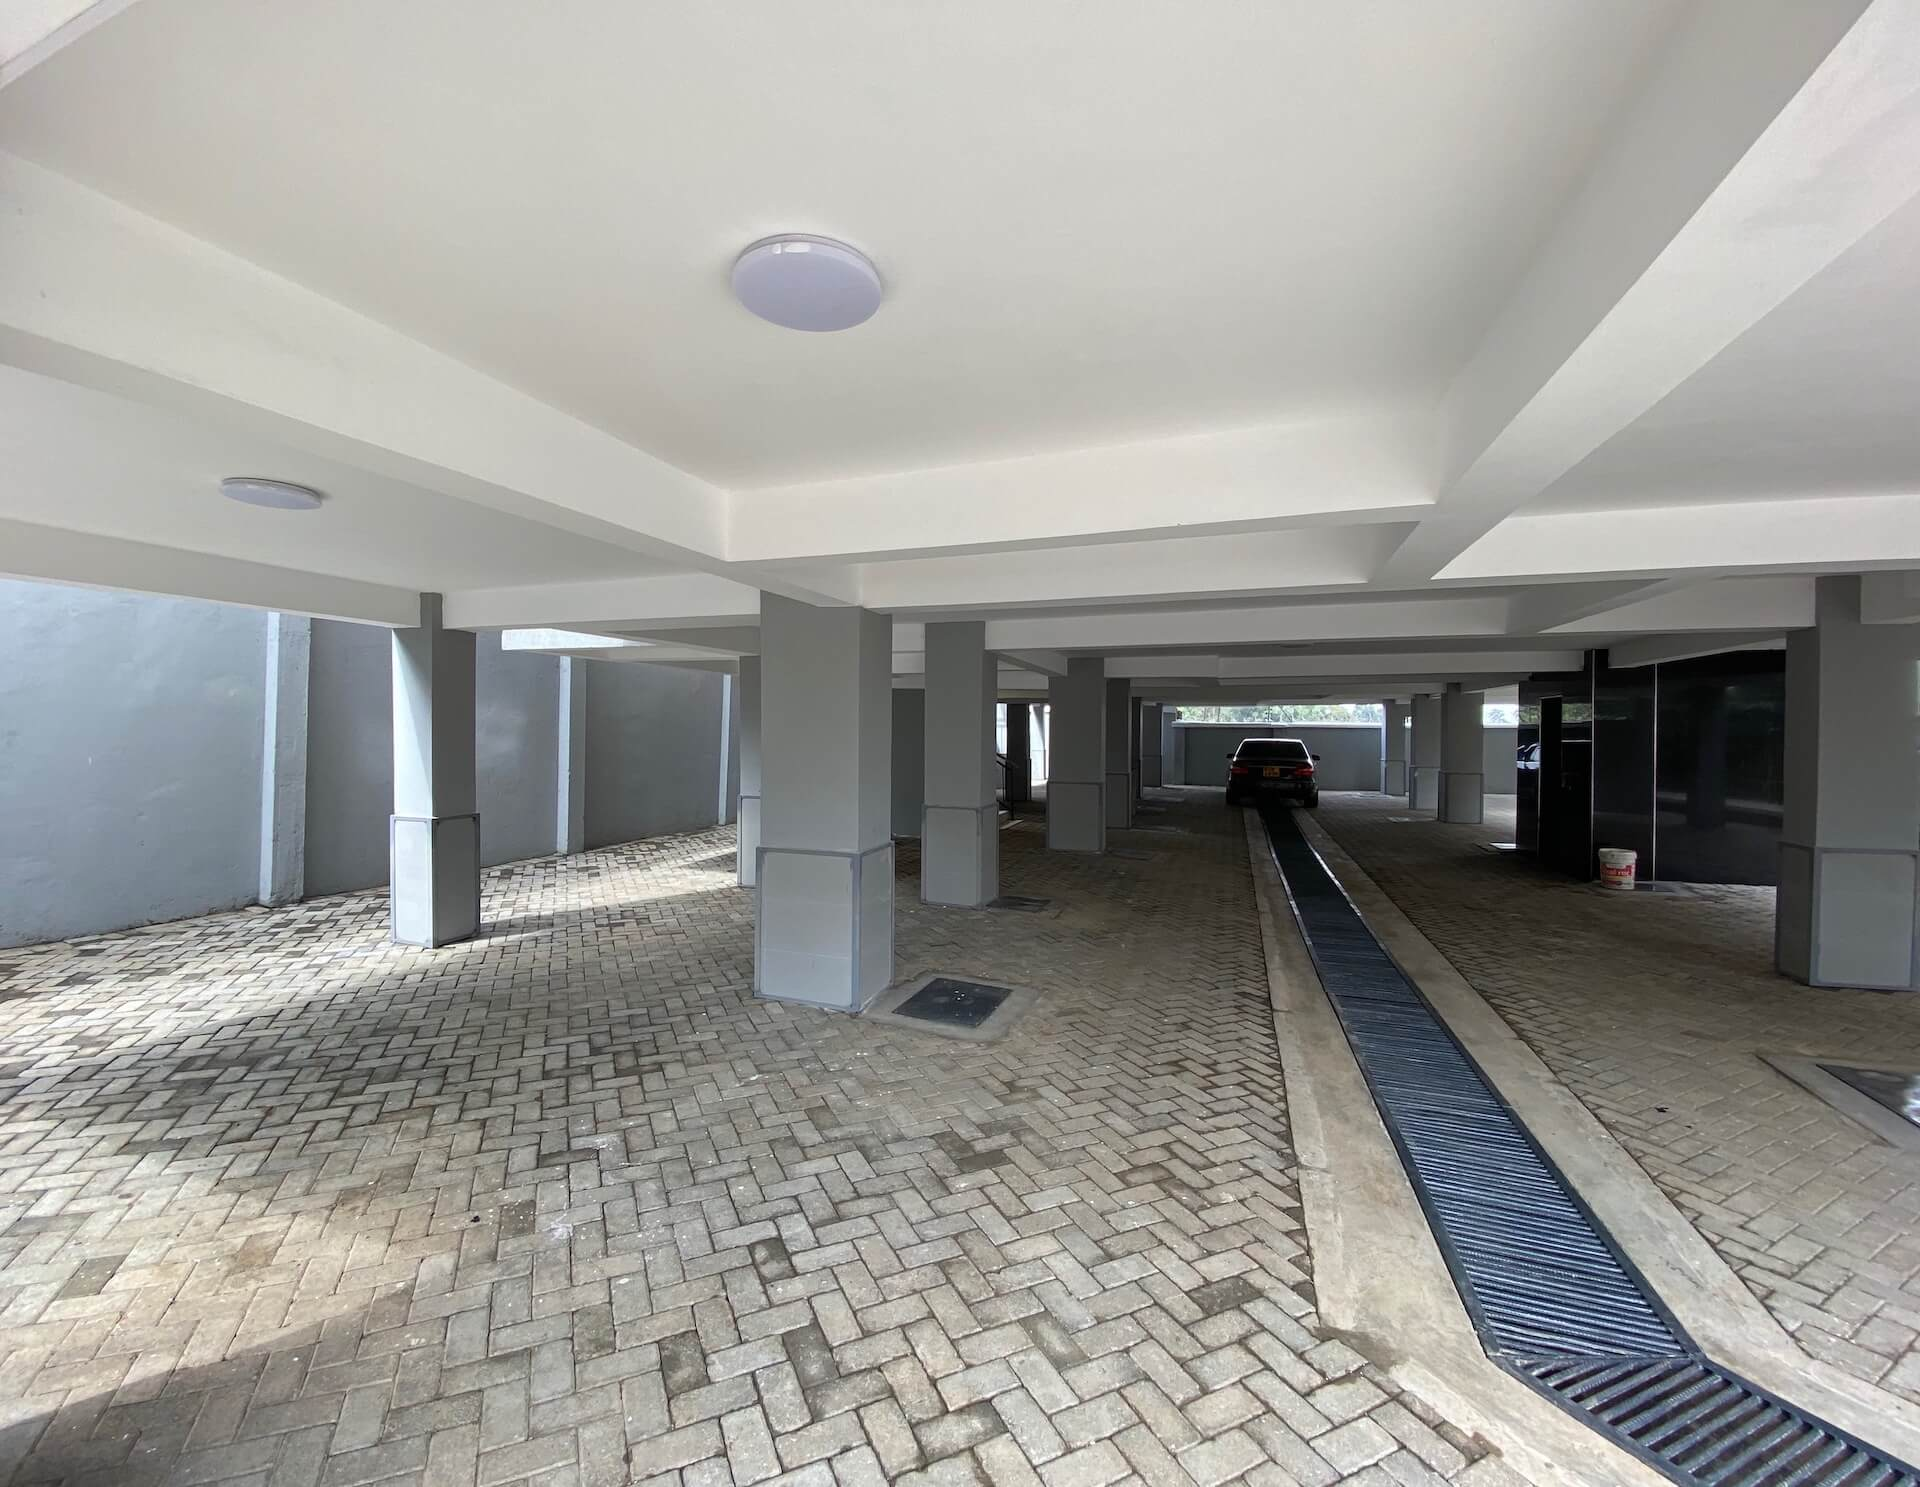 grandville apartments phase 2 basement car parking